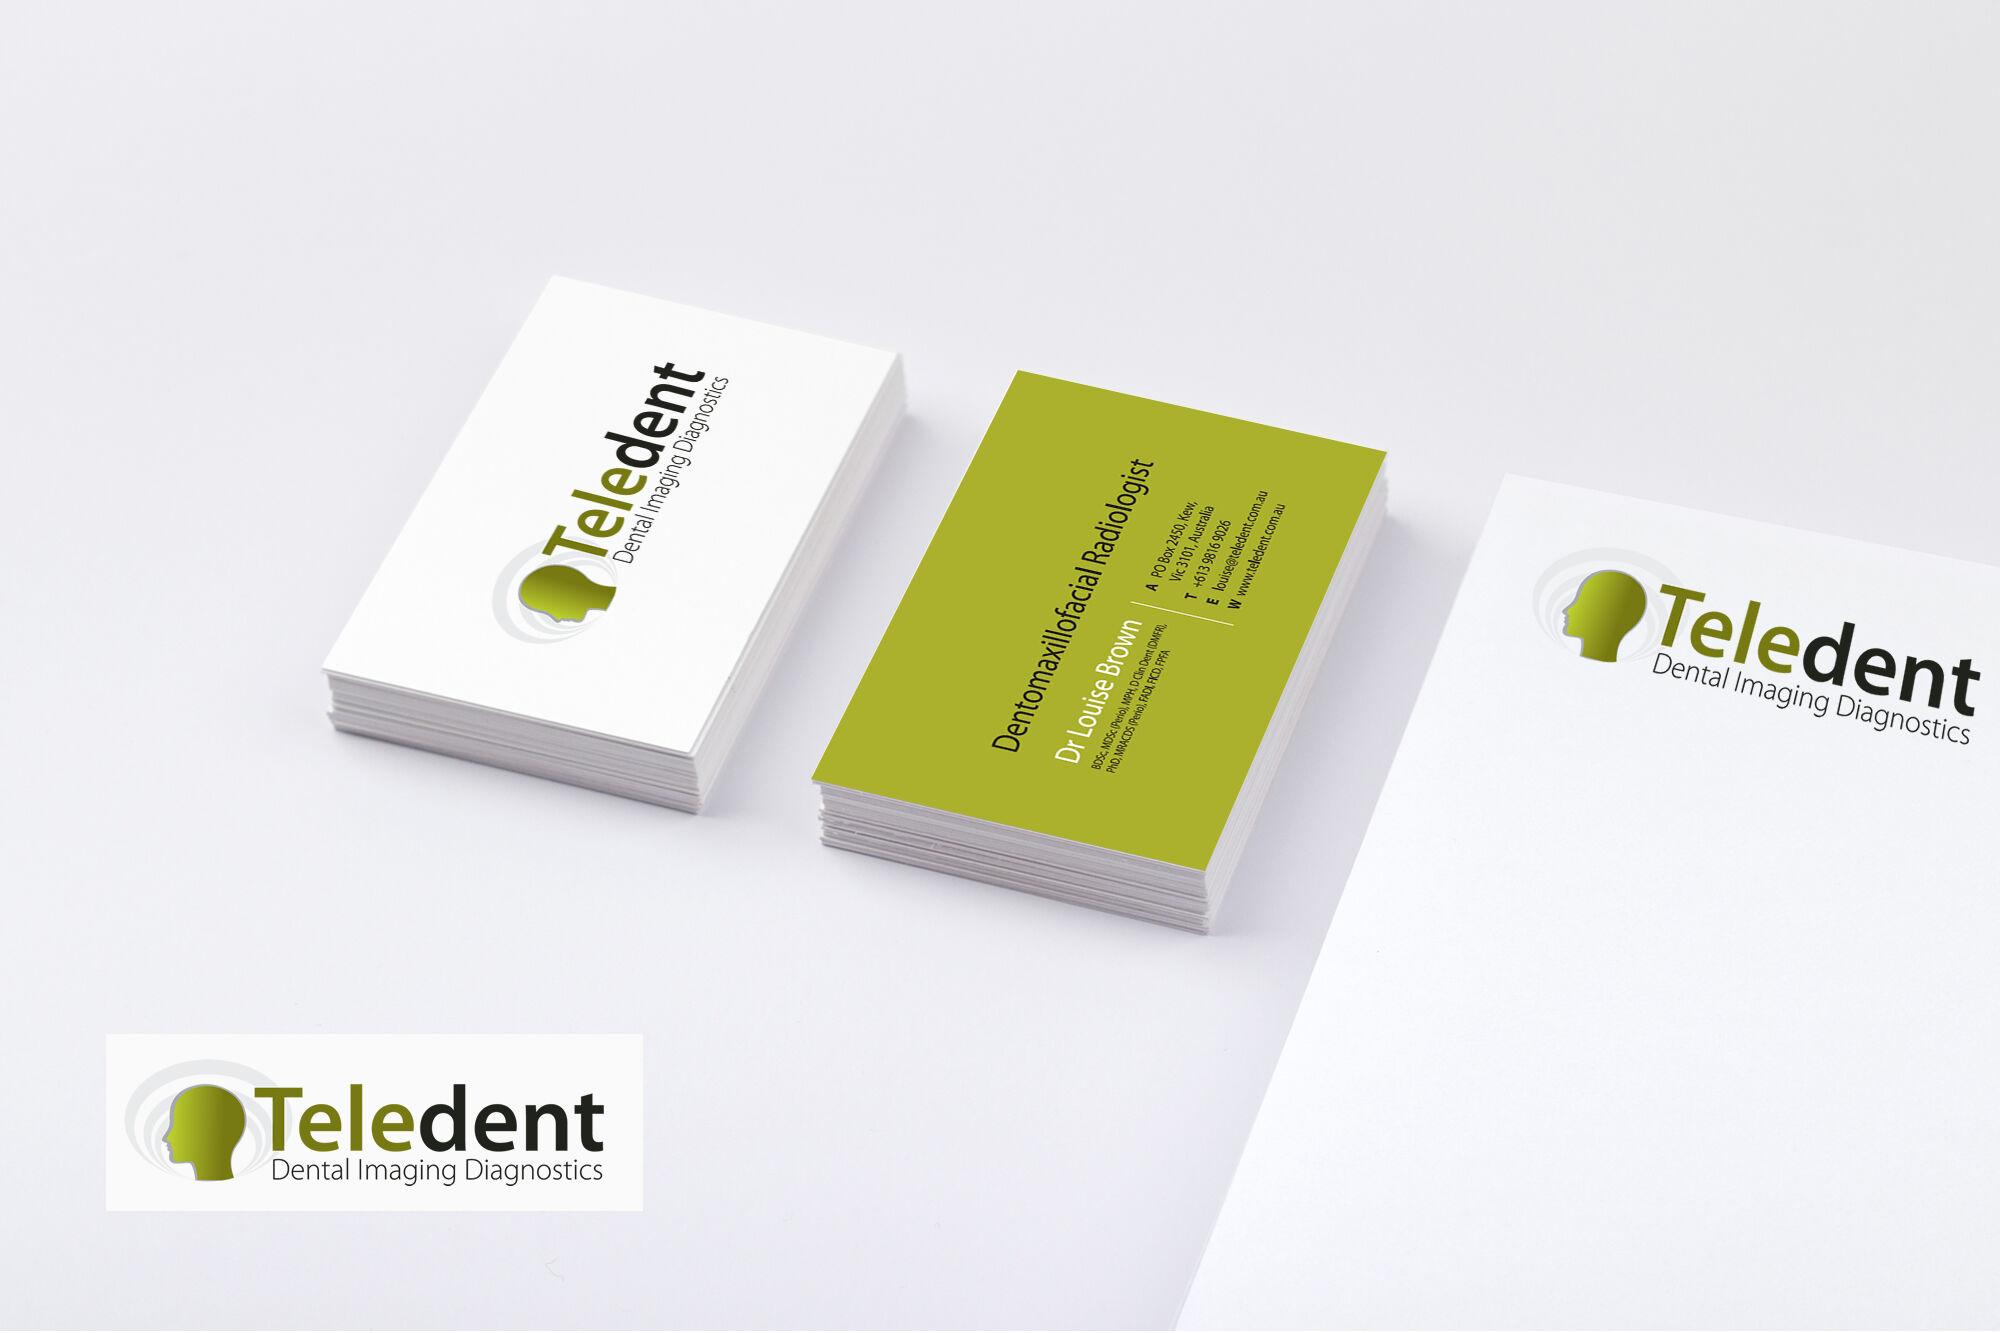 Teledent branding